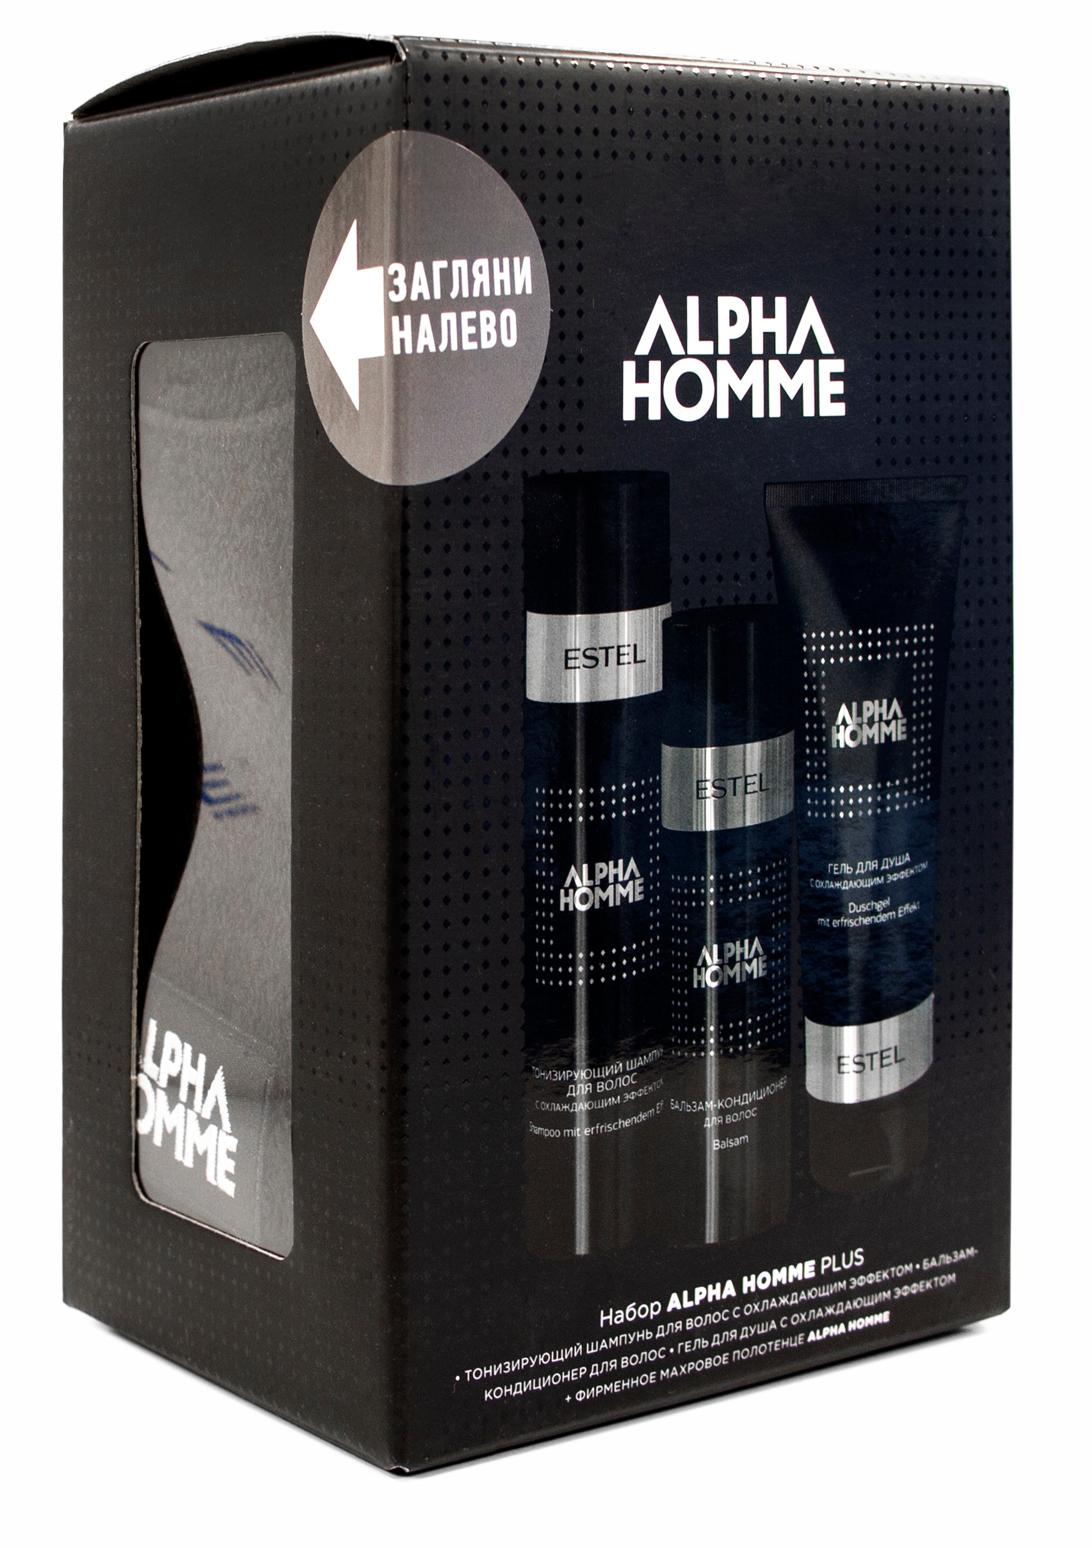 ESTEL PROFESSIONAL Набор для мужчин (тонизирующий шампунь, бальзам для волос, гель для душа, фирменное полотенце) / ALPHA HOMME PLUS